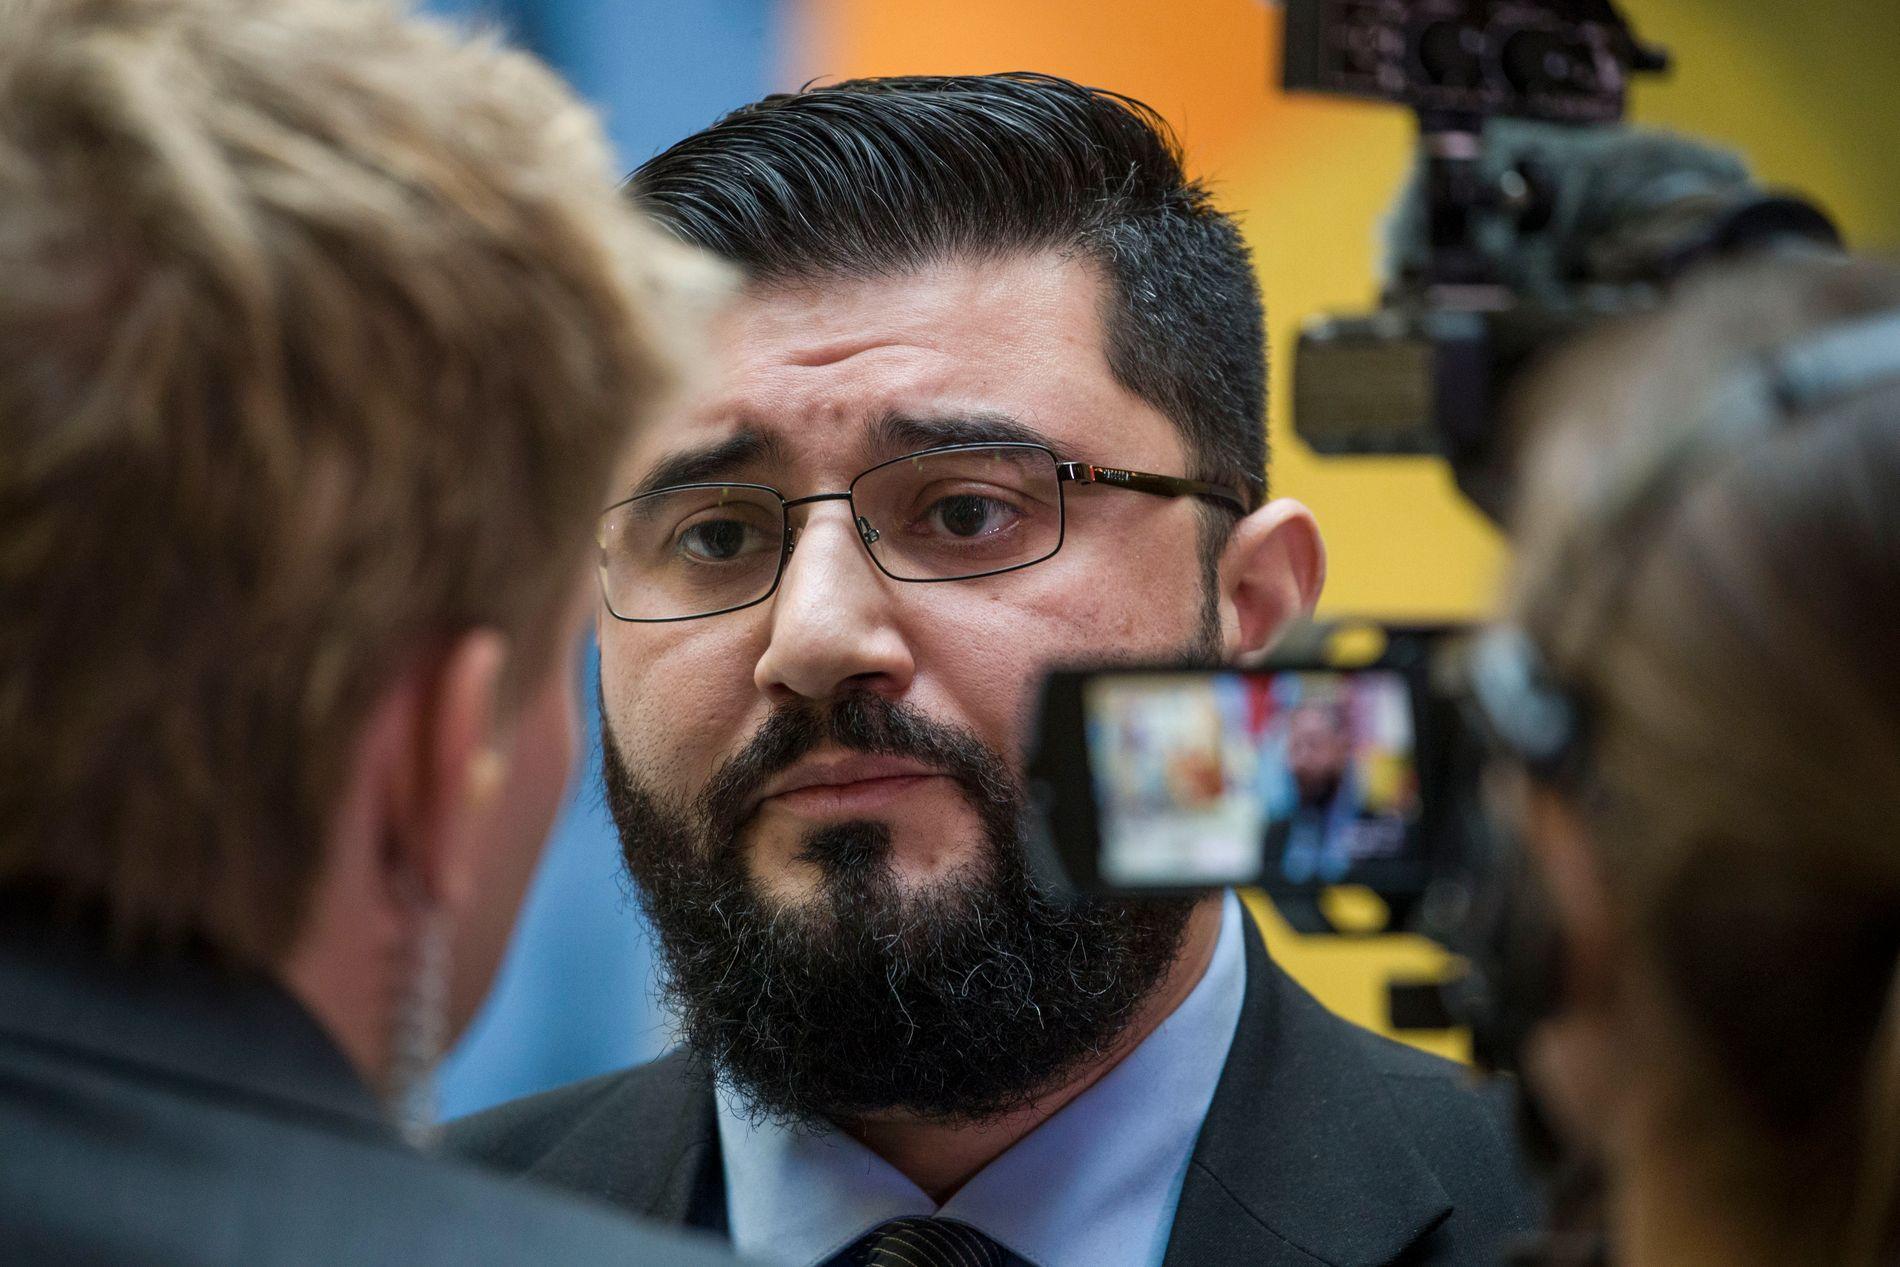 LEGGER SEG FLAT: Mazyar Keshvari har beklaget falske reiseregninger.